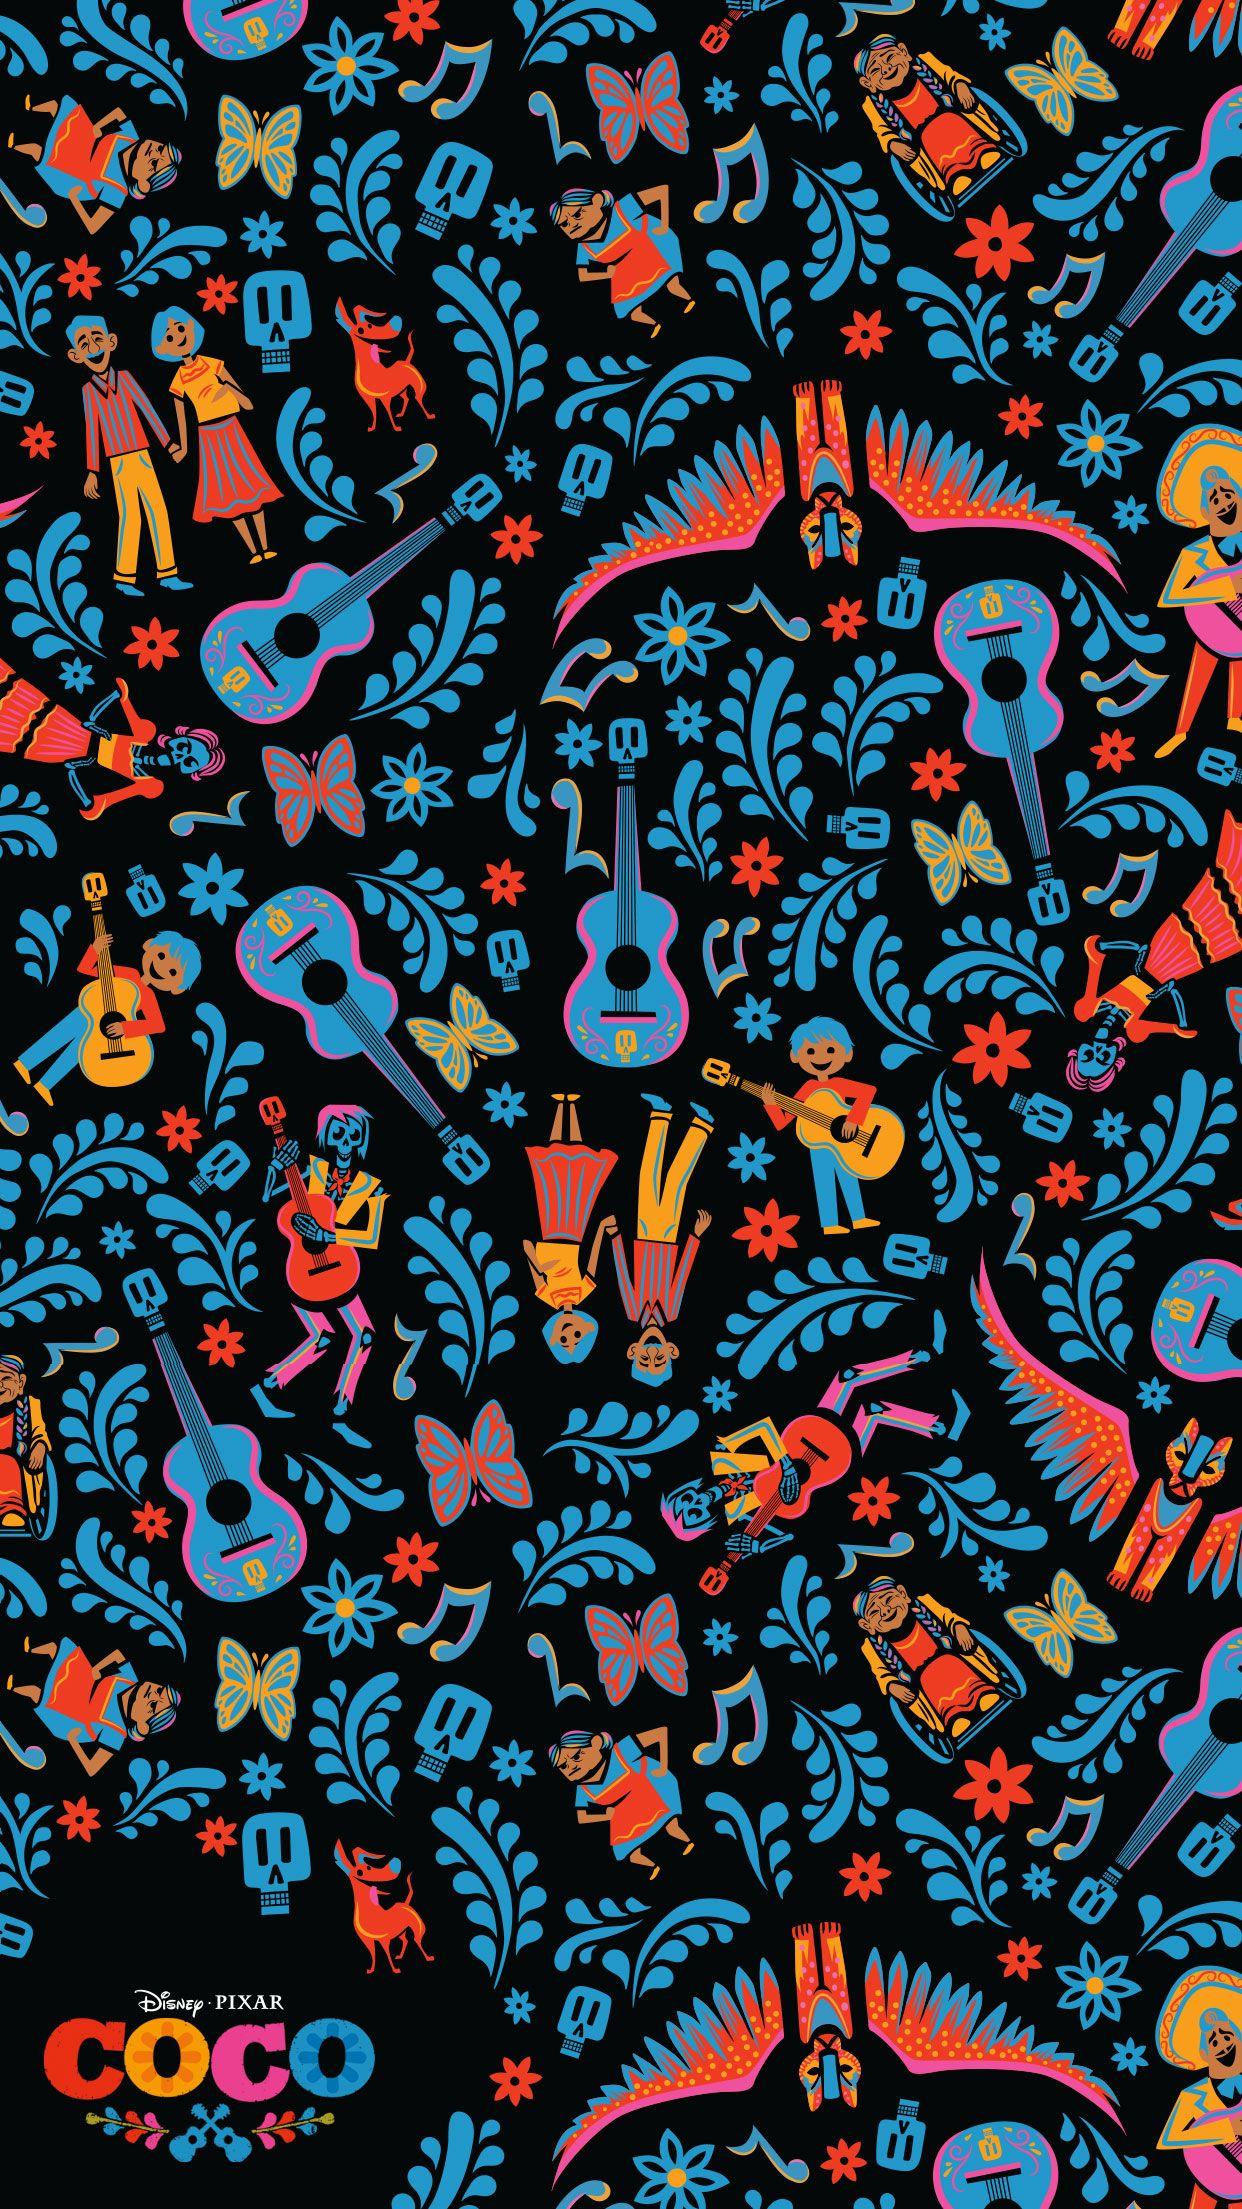 Coco Dibujos Para Colorear De Coco De Pixar Dibujos Para Imprimir